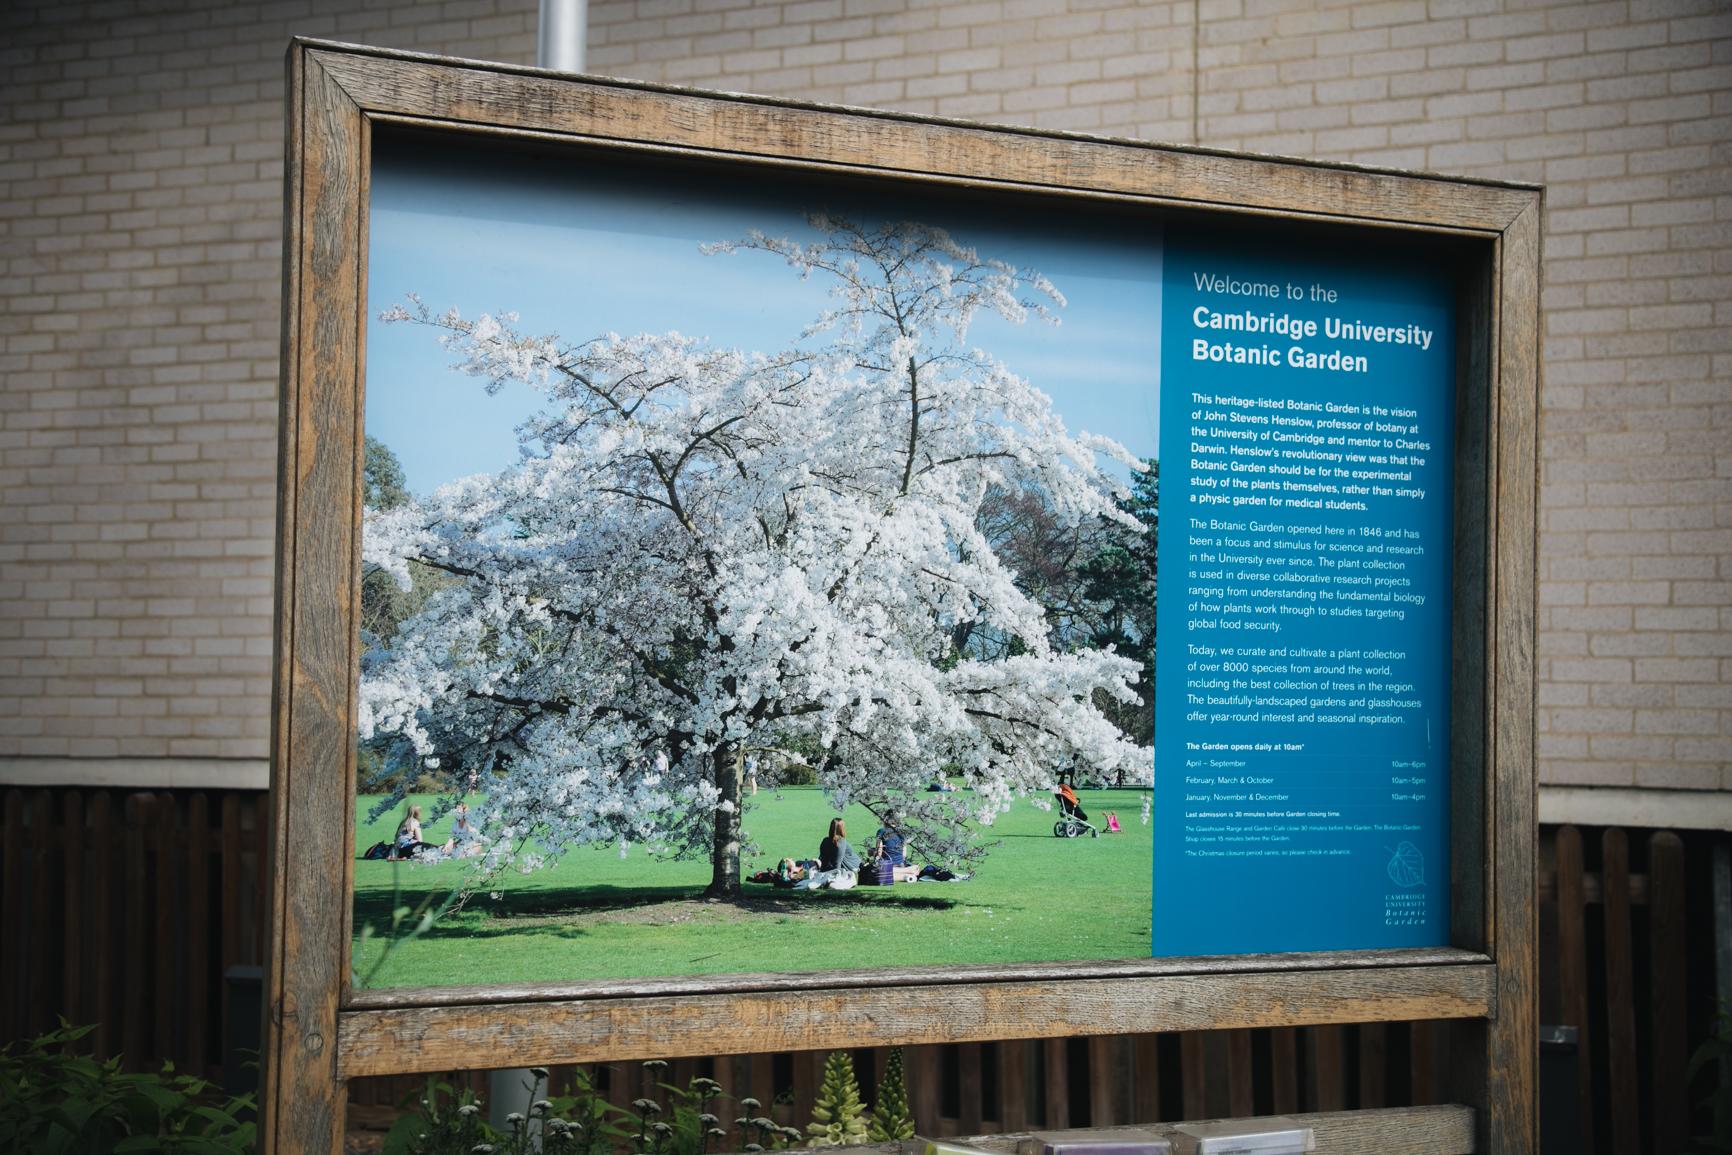 Jardin-botanique-entrée-cambridge.jpg